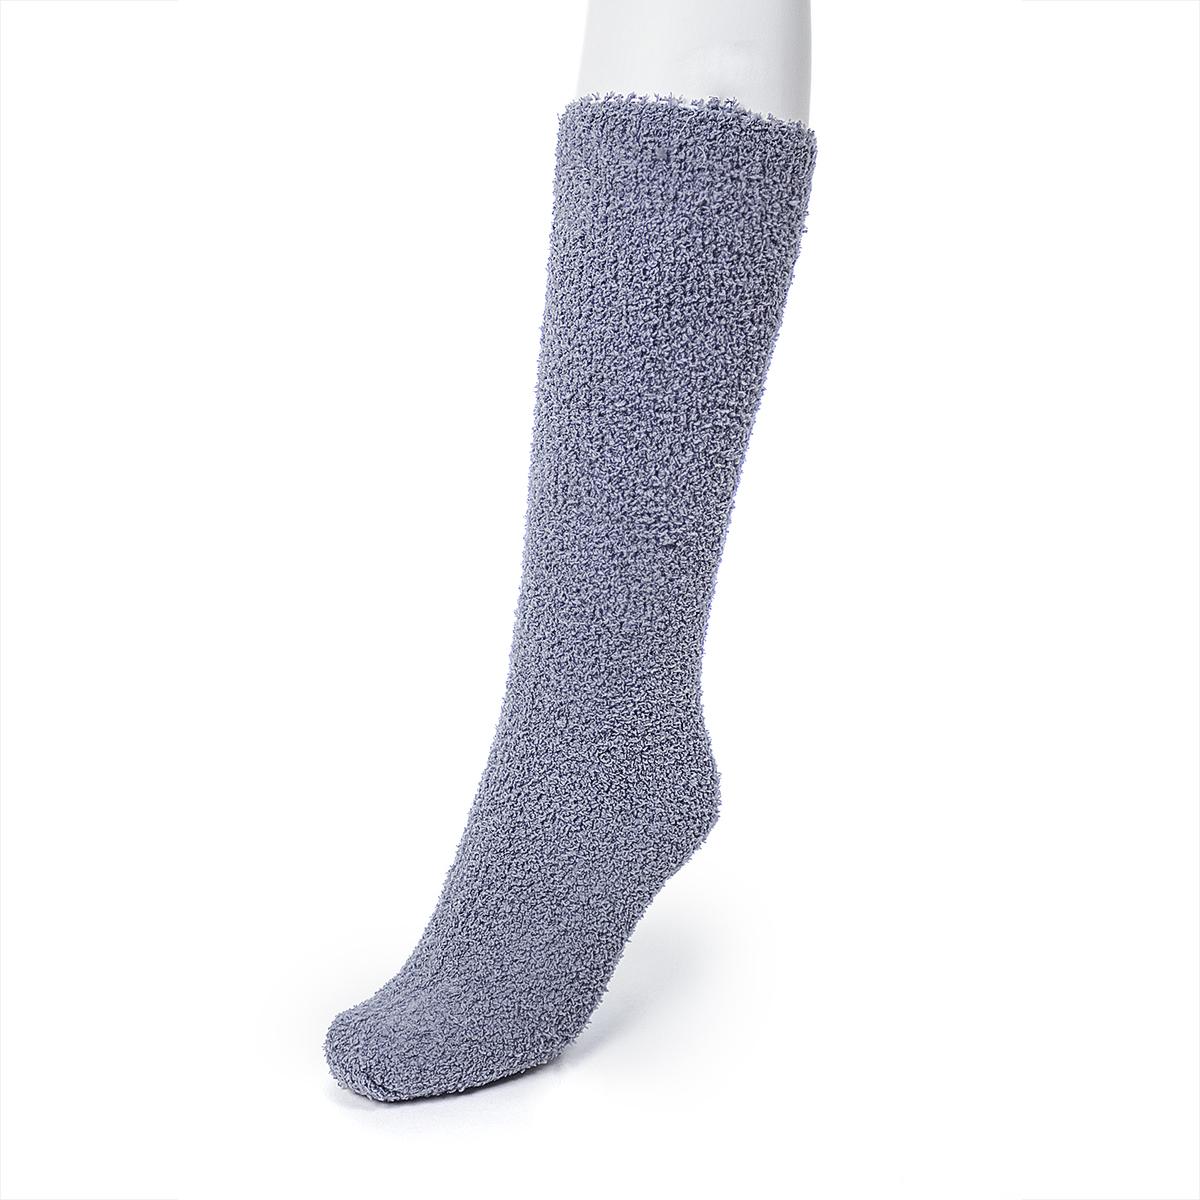 Гольфы Люкс, цвет ЧерныйНоски и чулки<br><br><br>Тип: Жен. носки<br>Размер: 36-42<br>Материал: Бамбук